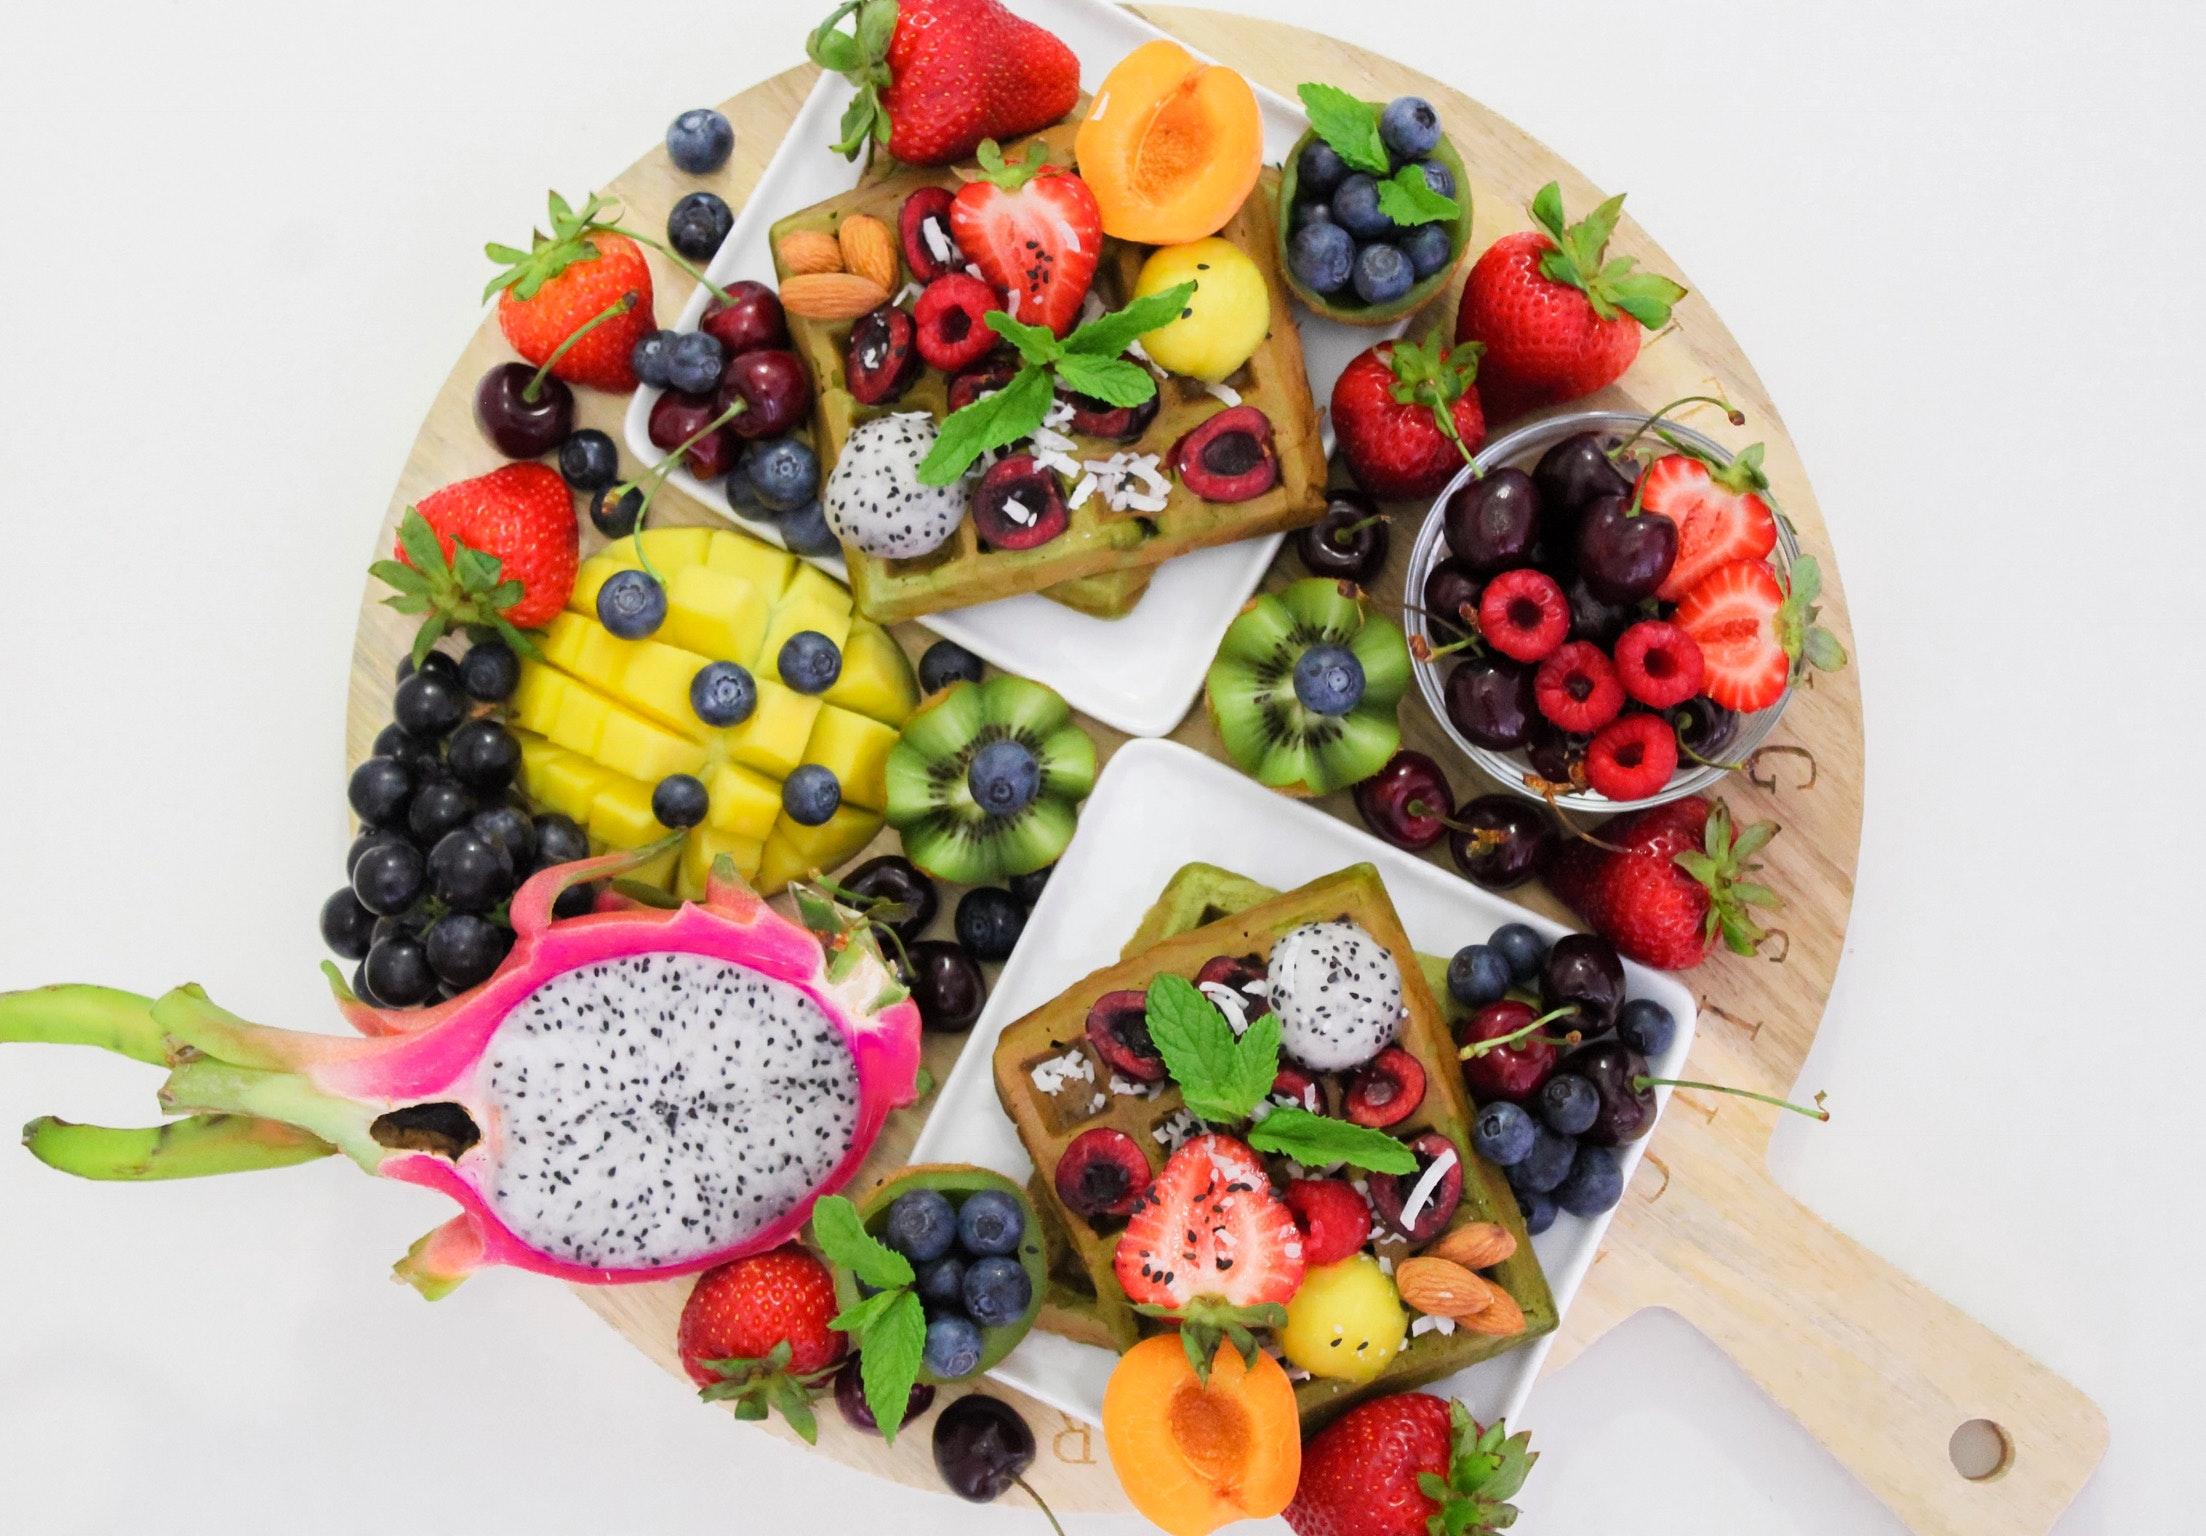 Frutas que se deben evitar en una dieta para diabéticos